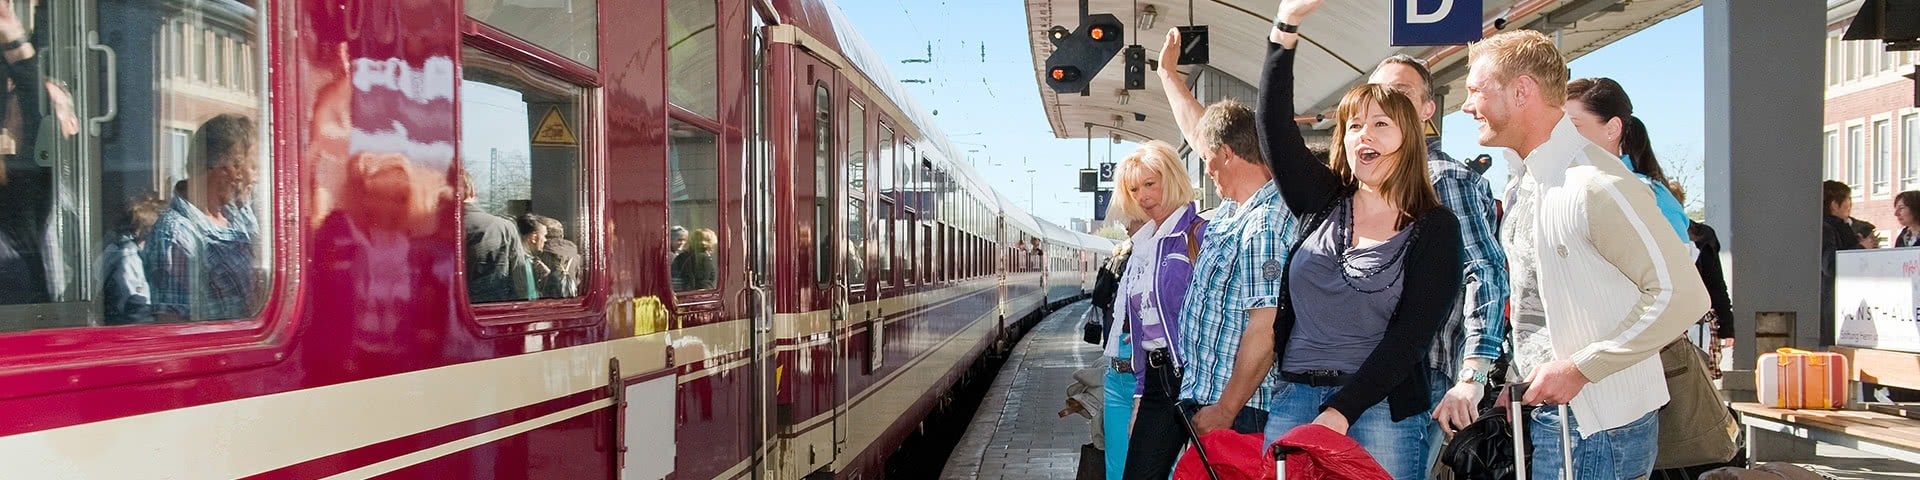 Eine Gruppe steht mit Gepäck am Bahnhofsgleis und winkt dem einfahrenden Tanzzug der ins Wangerland fährt